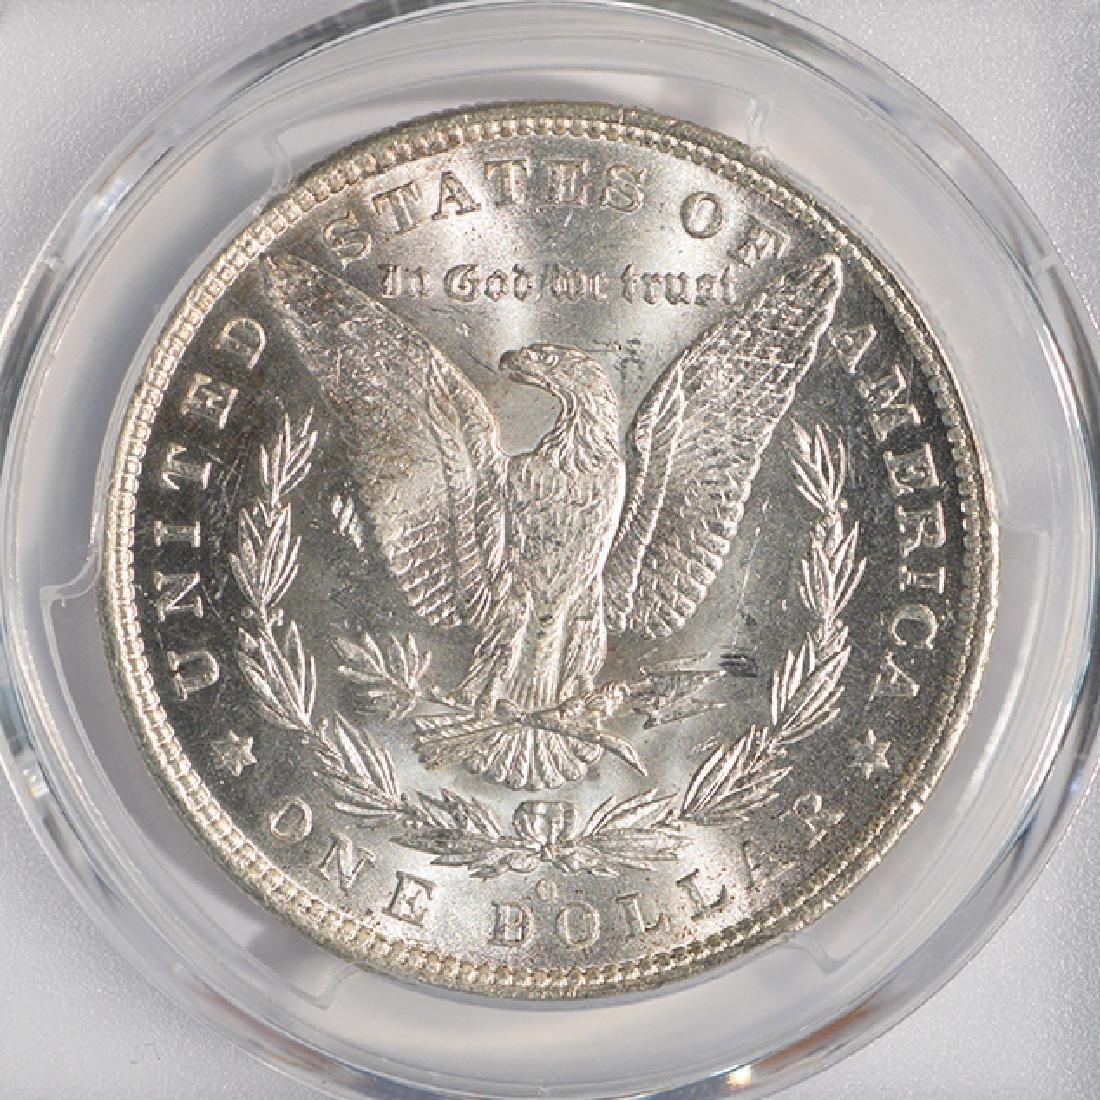 1881-O $1 Morgan Silver Dollar Coin PCGS MS64 - 4